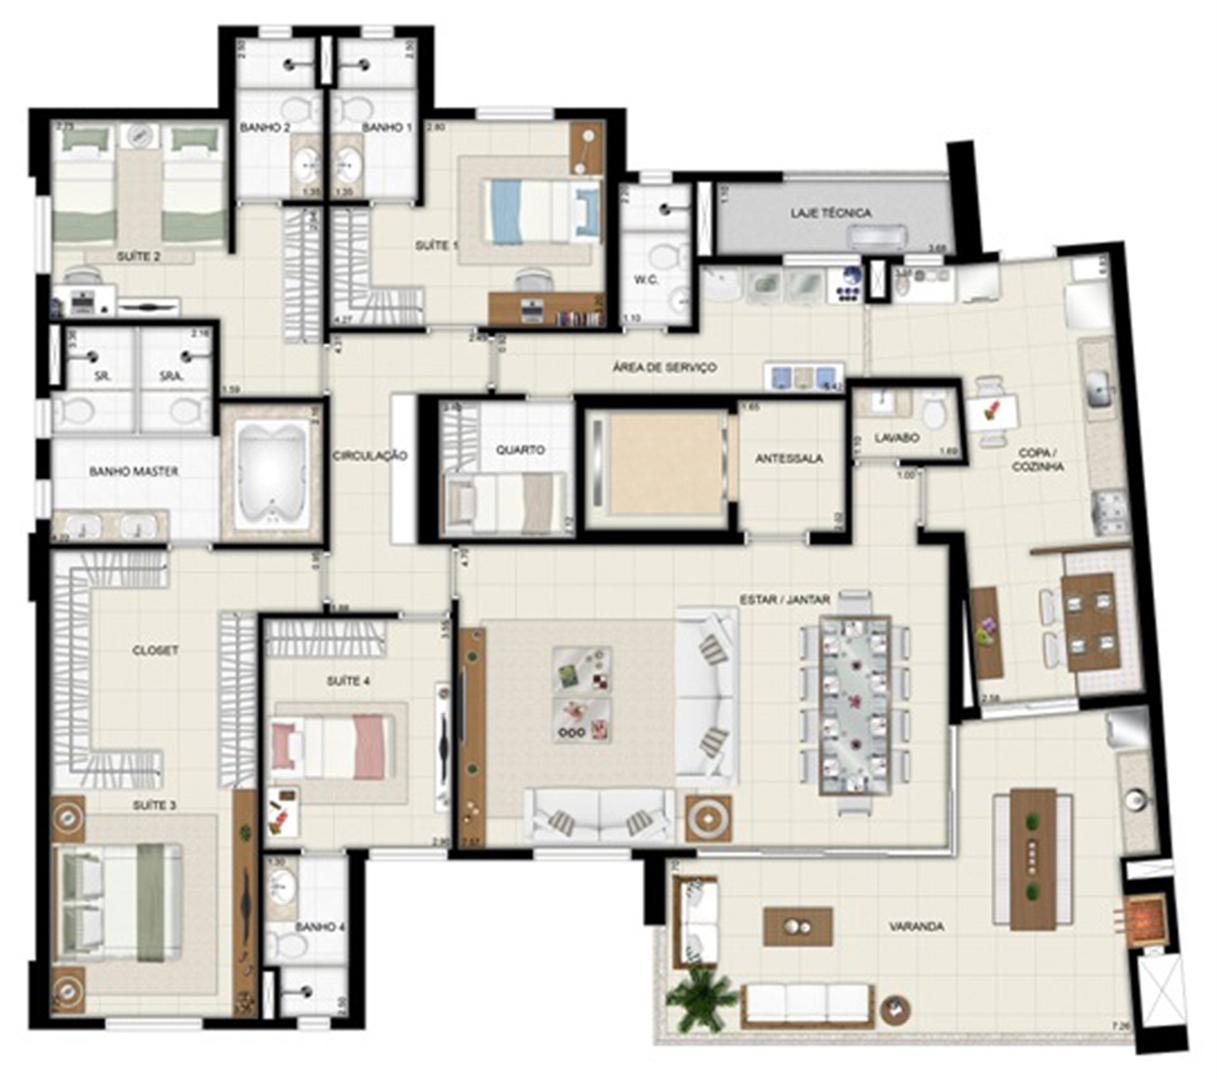 Planta opção - Torre Parc - Final 01 233 m² (2) | Chateau Marista LifeStyle – Apartamento no  Setor Marista - Goiânia - Goiás